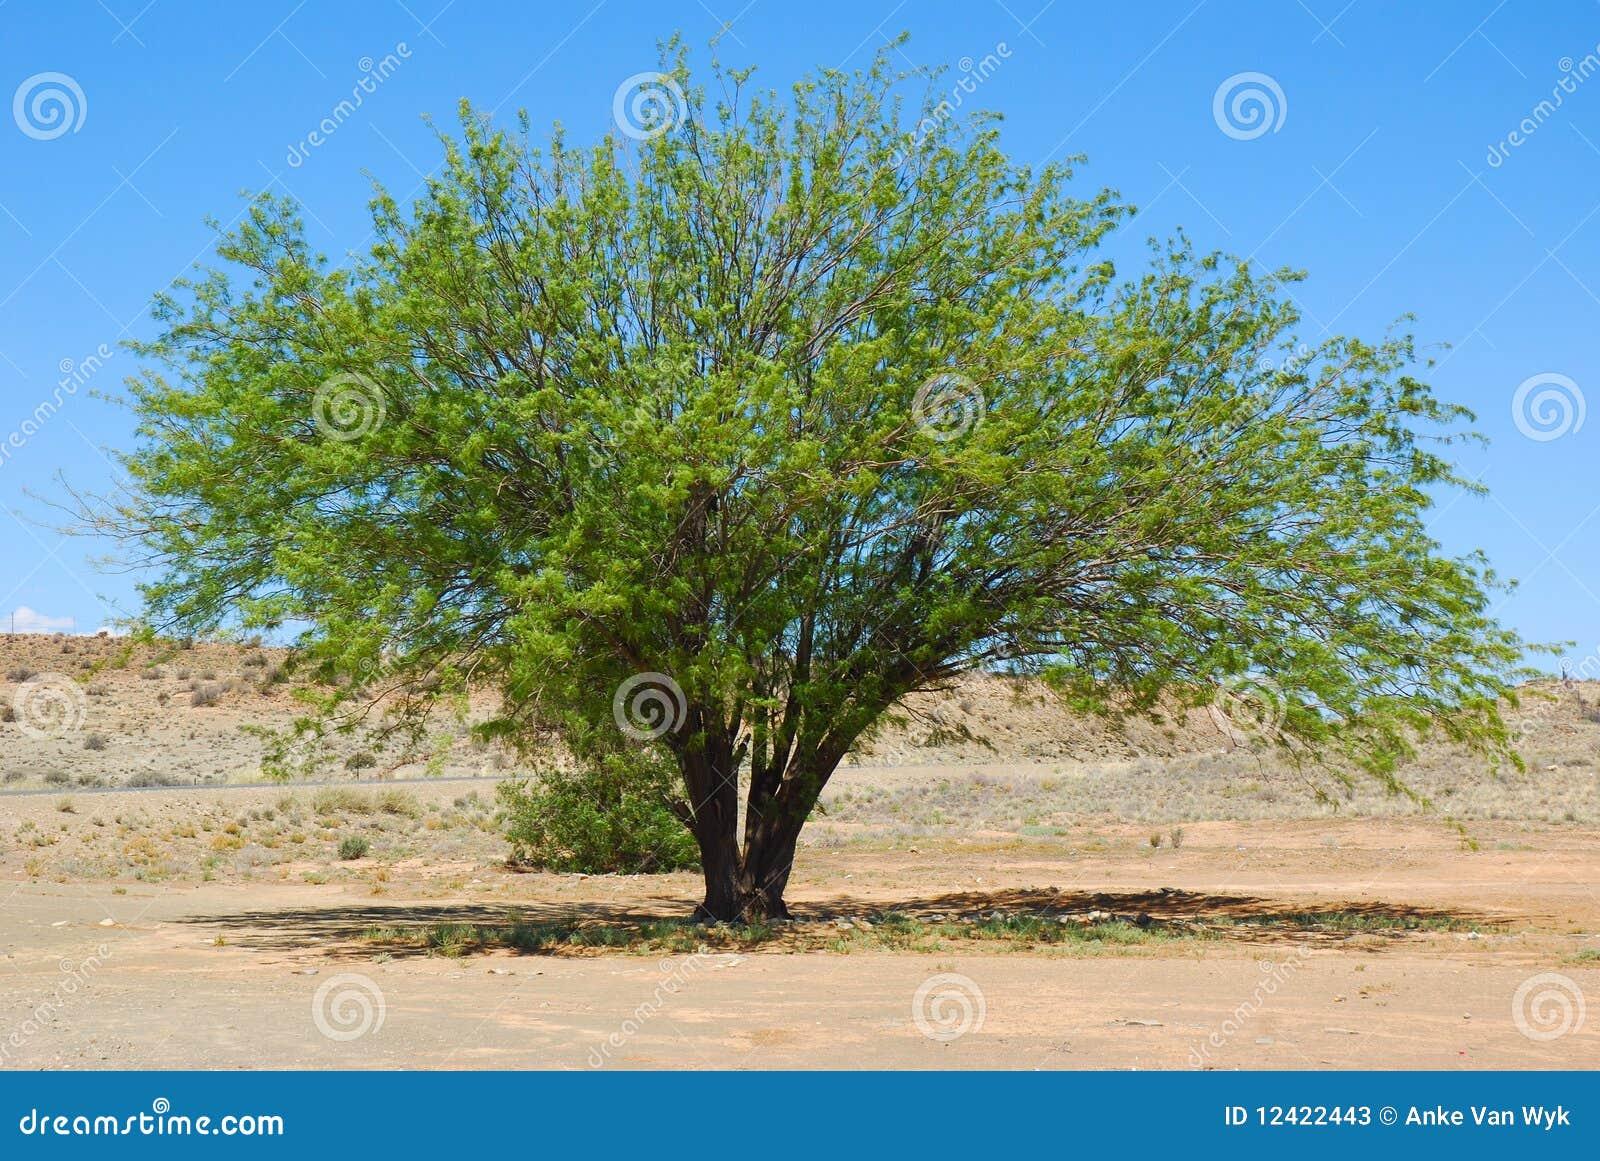 沙漠豆科灌木结构树